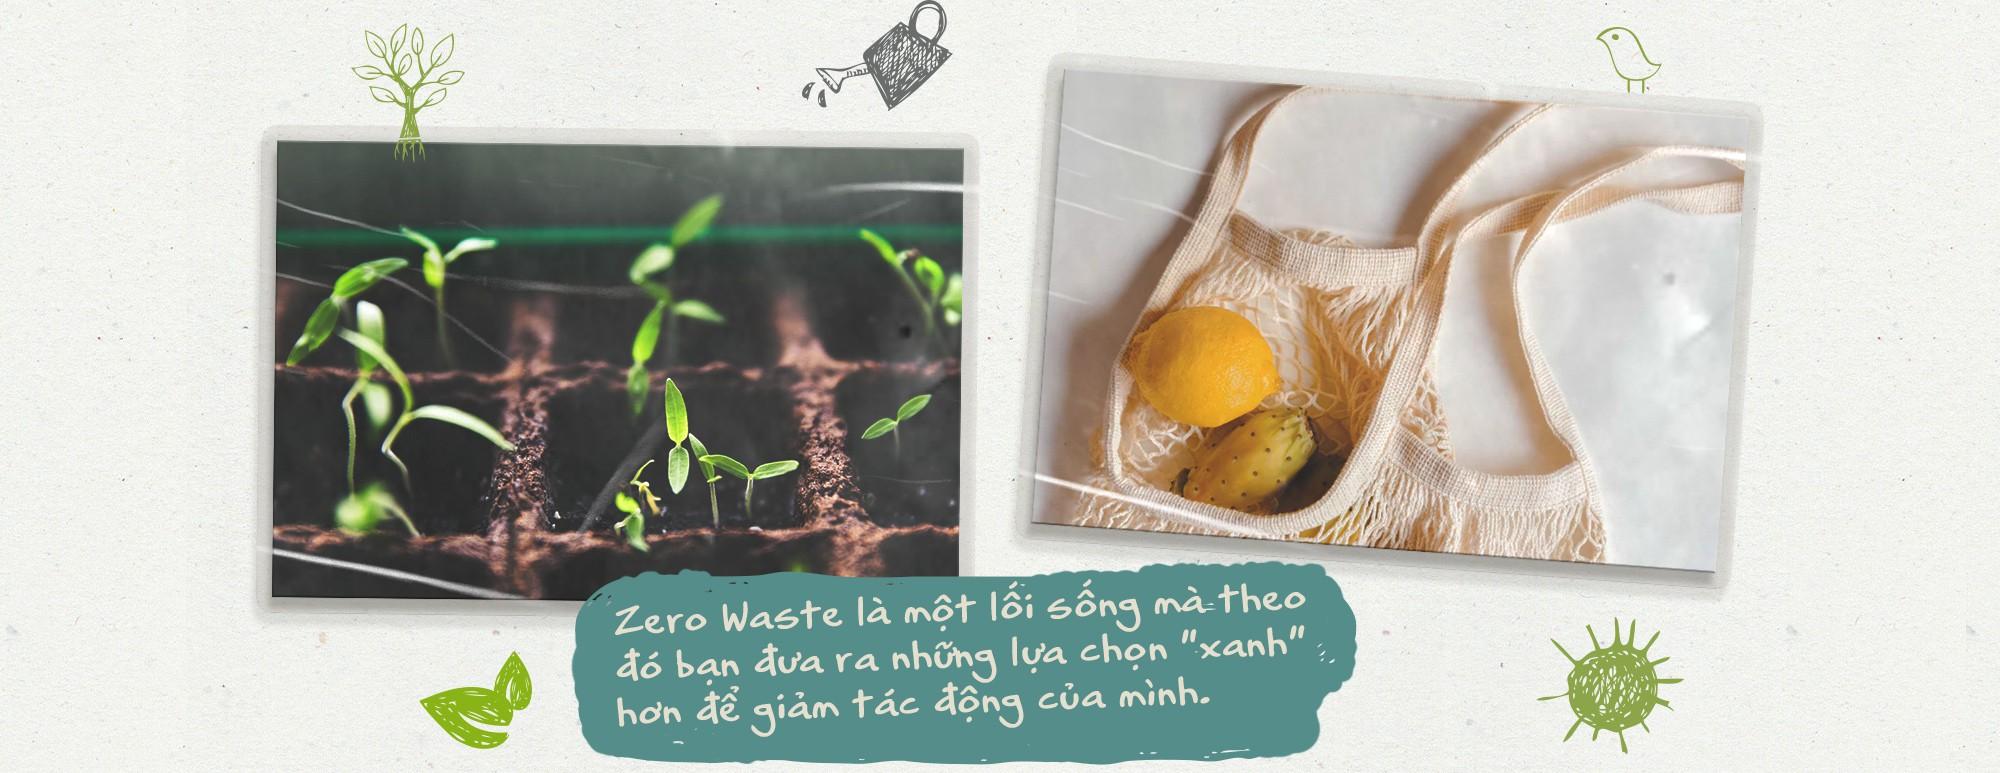 Anh hùng khí hậu Minh Hồng: Zero Waste không phải là giảm việc vứt đi, mà là… giảm mua - Ảnh 5.